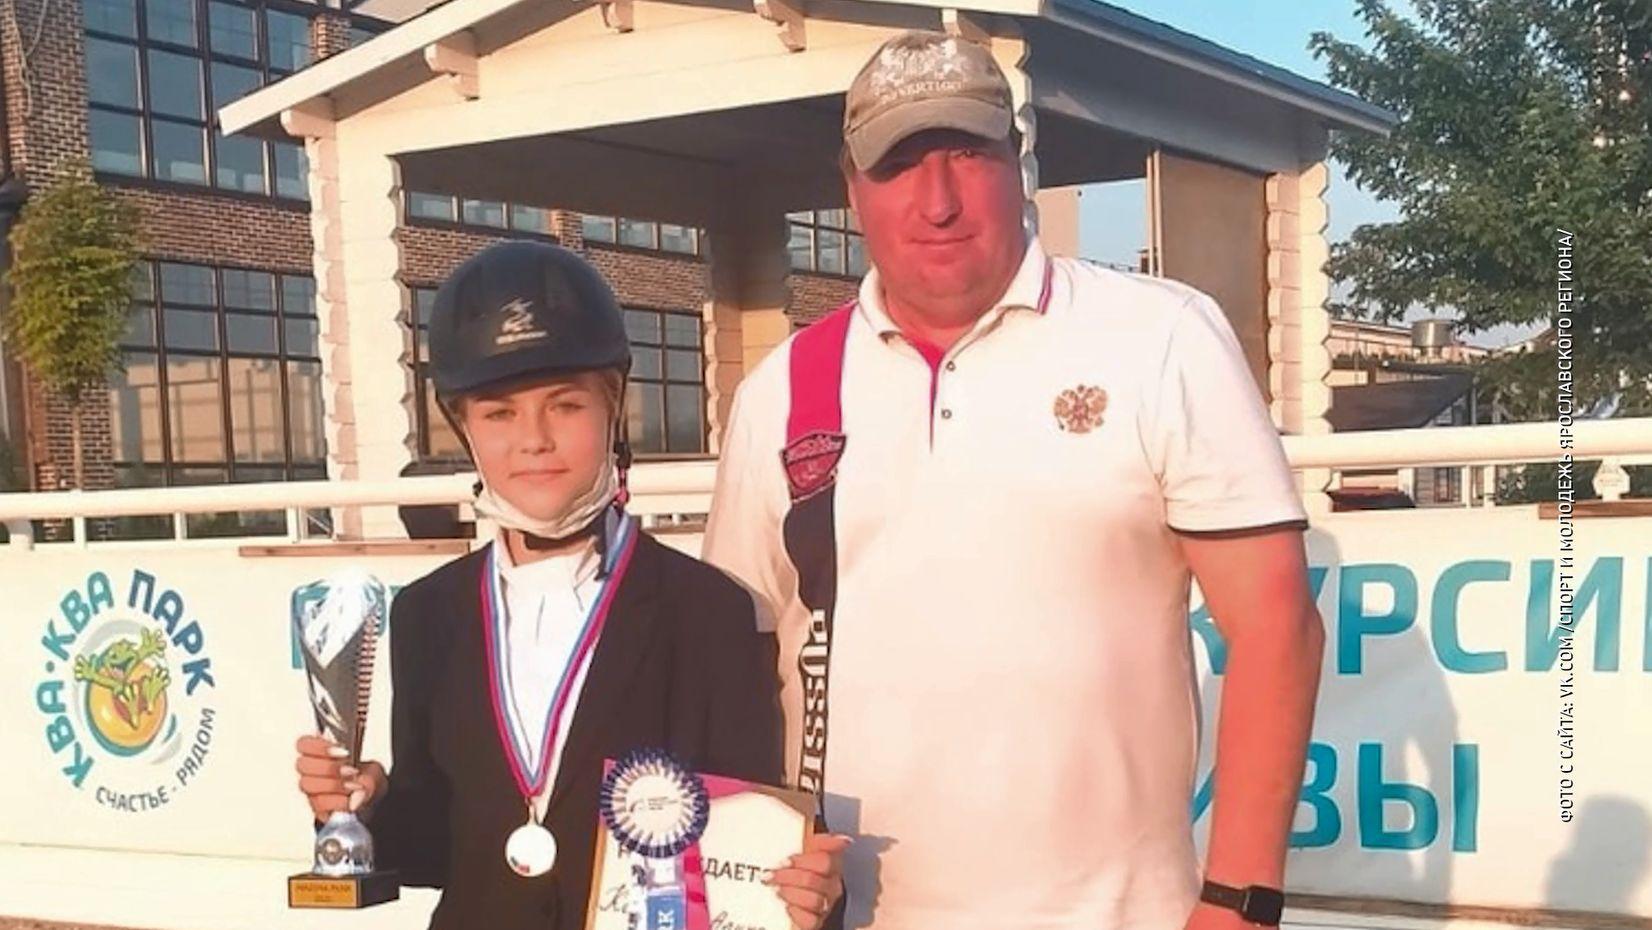 Ярославские спортсмены взяли золото и серебро на соревнованиях по конному спорту